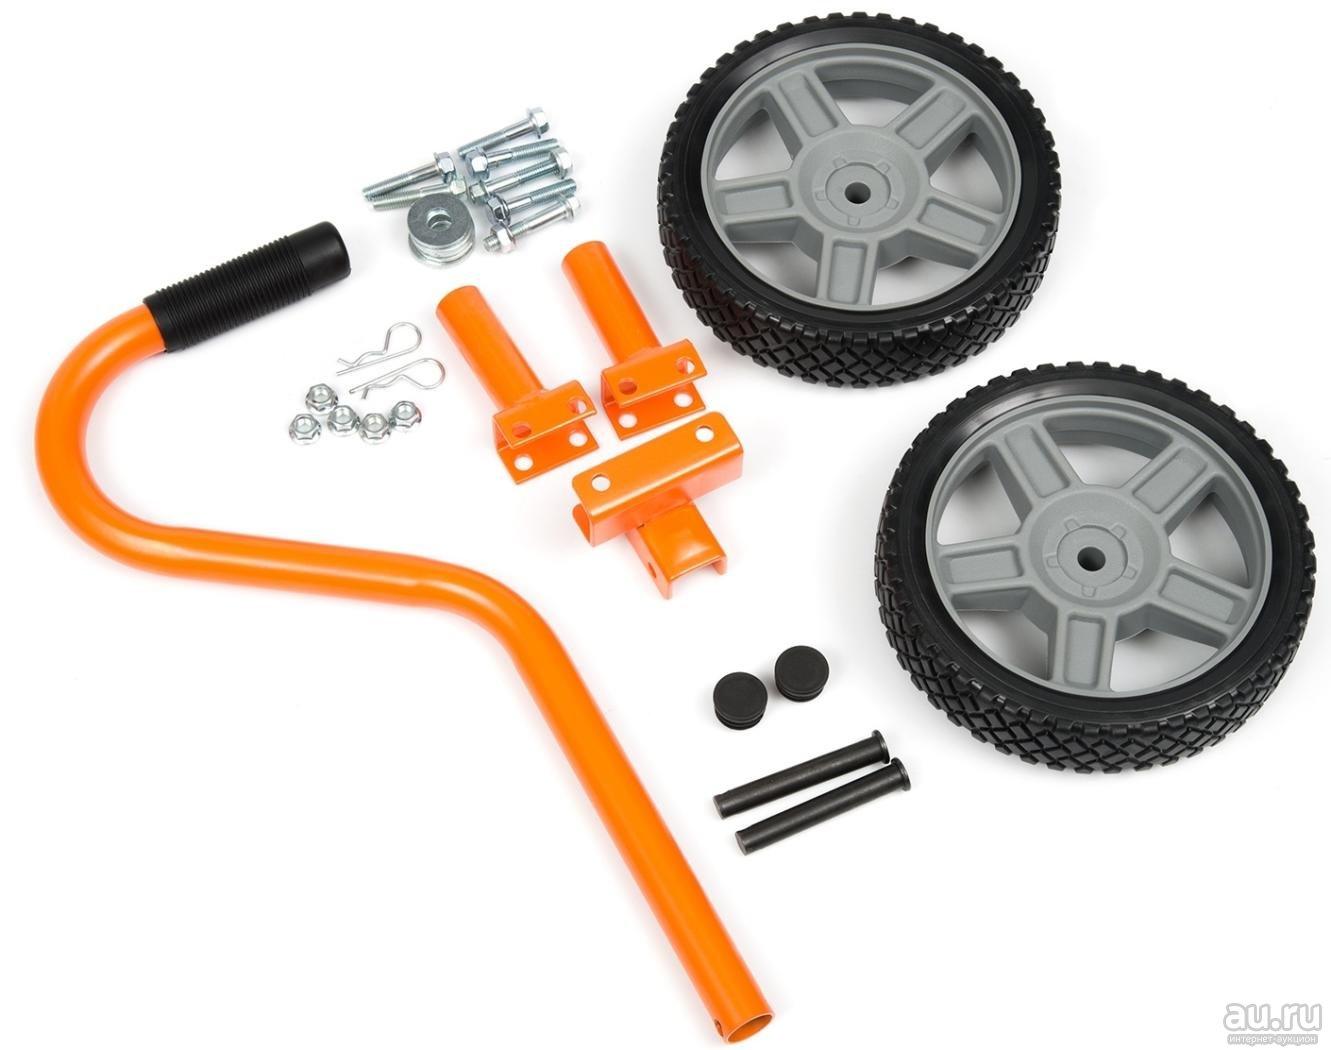 Комплект колес для генераторов ECT 7000 в Гусеве